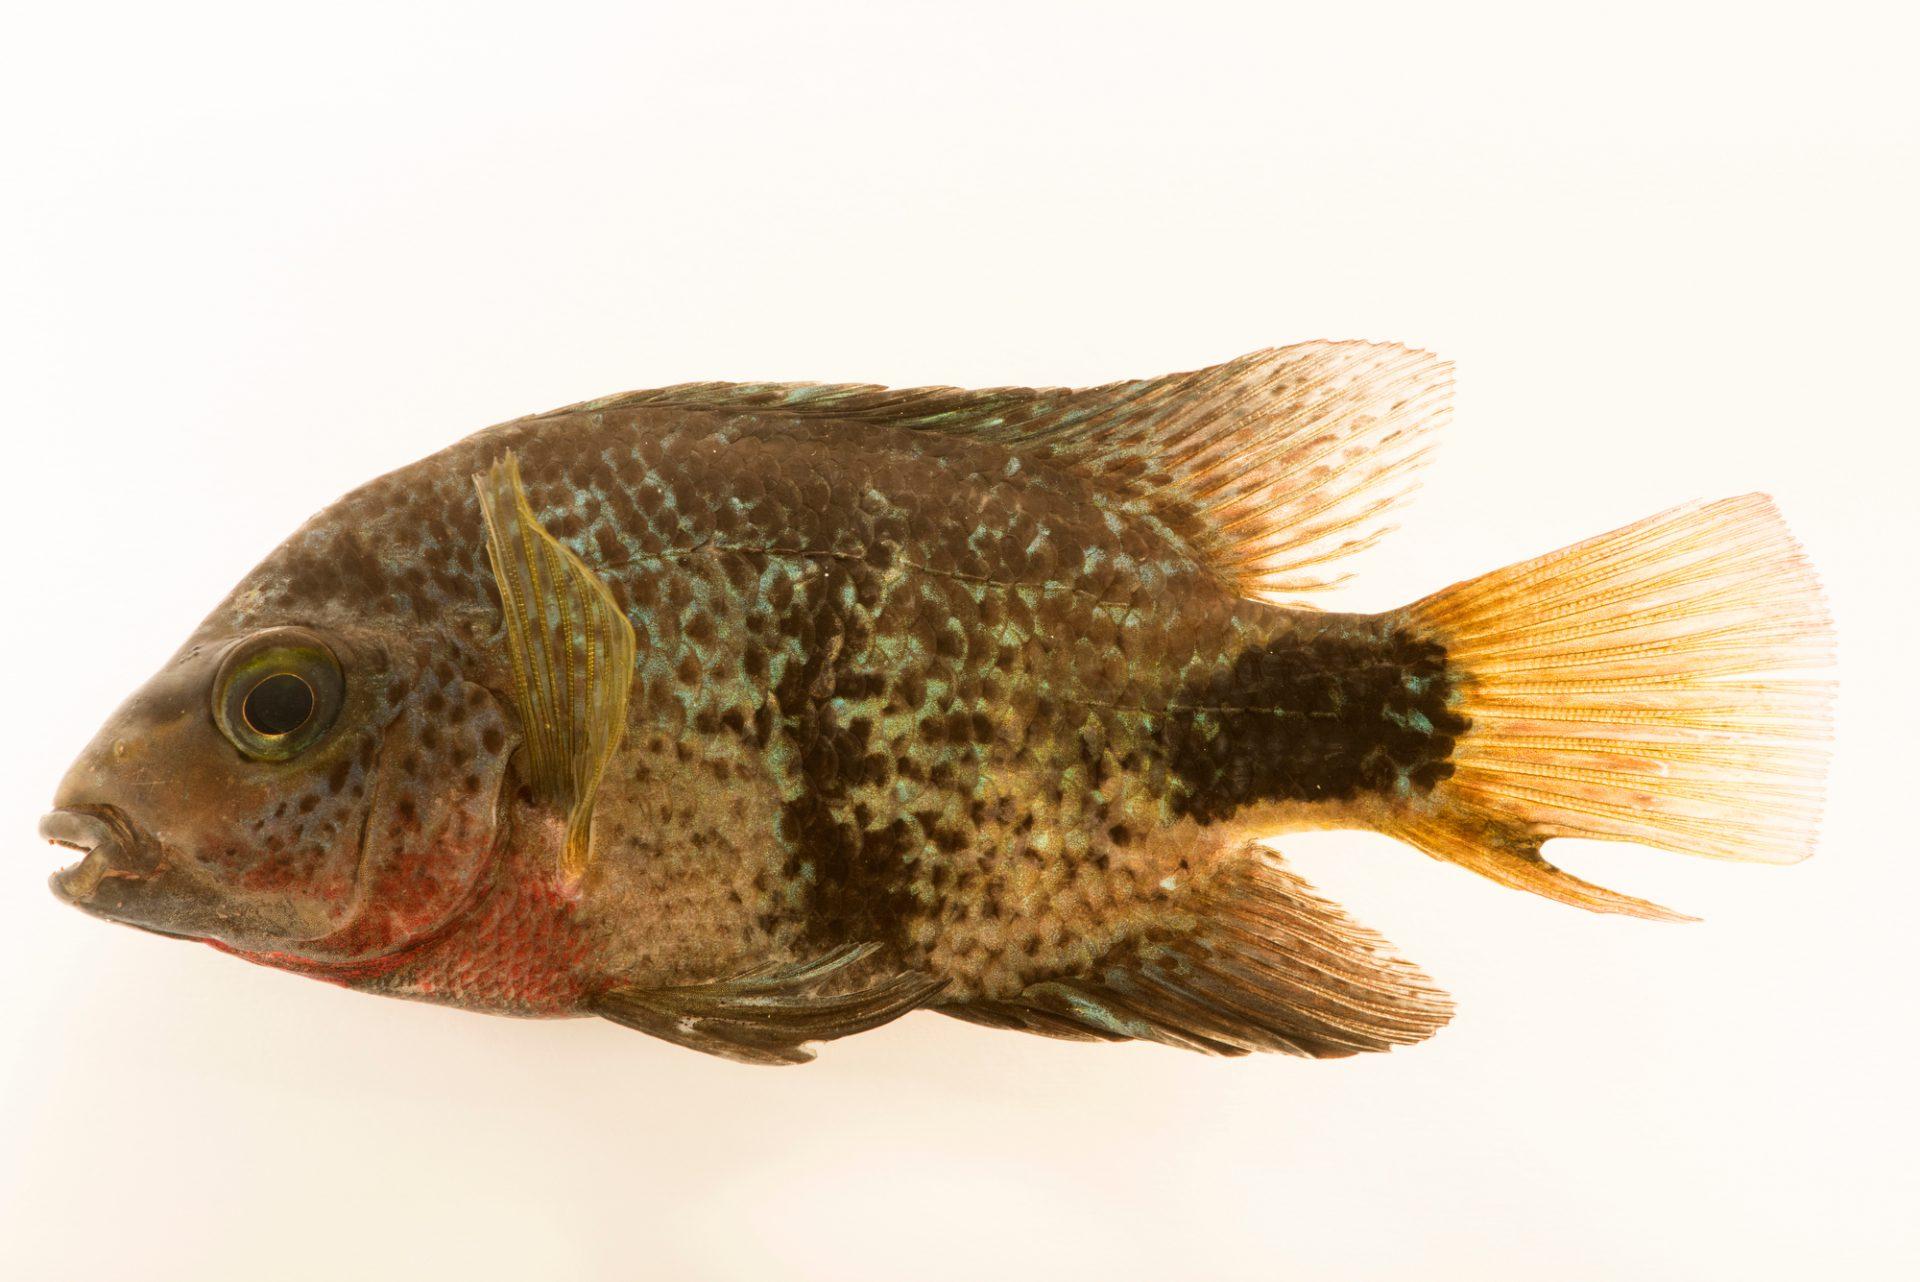 Photo: Blackbelt cichlid (Paraneetroplus maculicauda) at the Dallas Children's Aquarium.